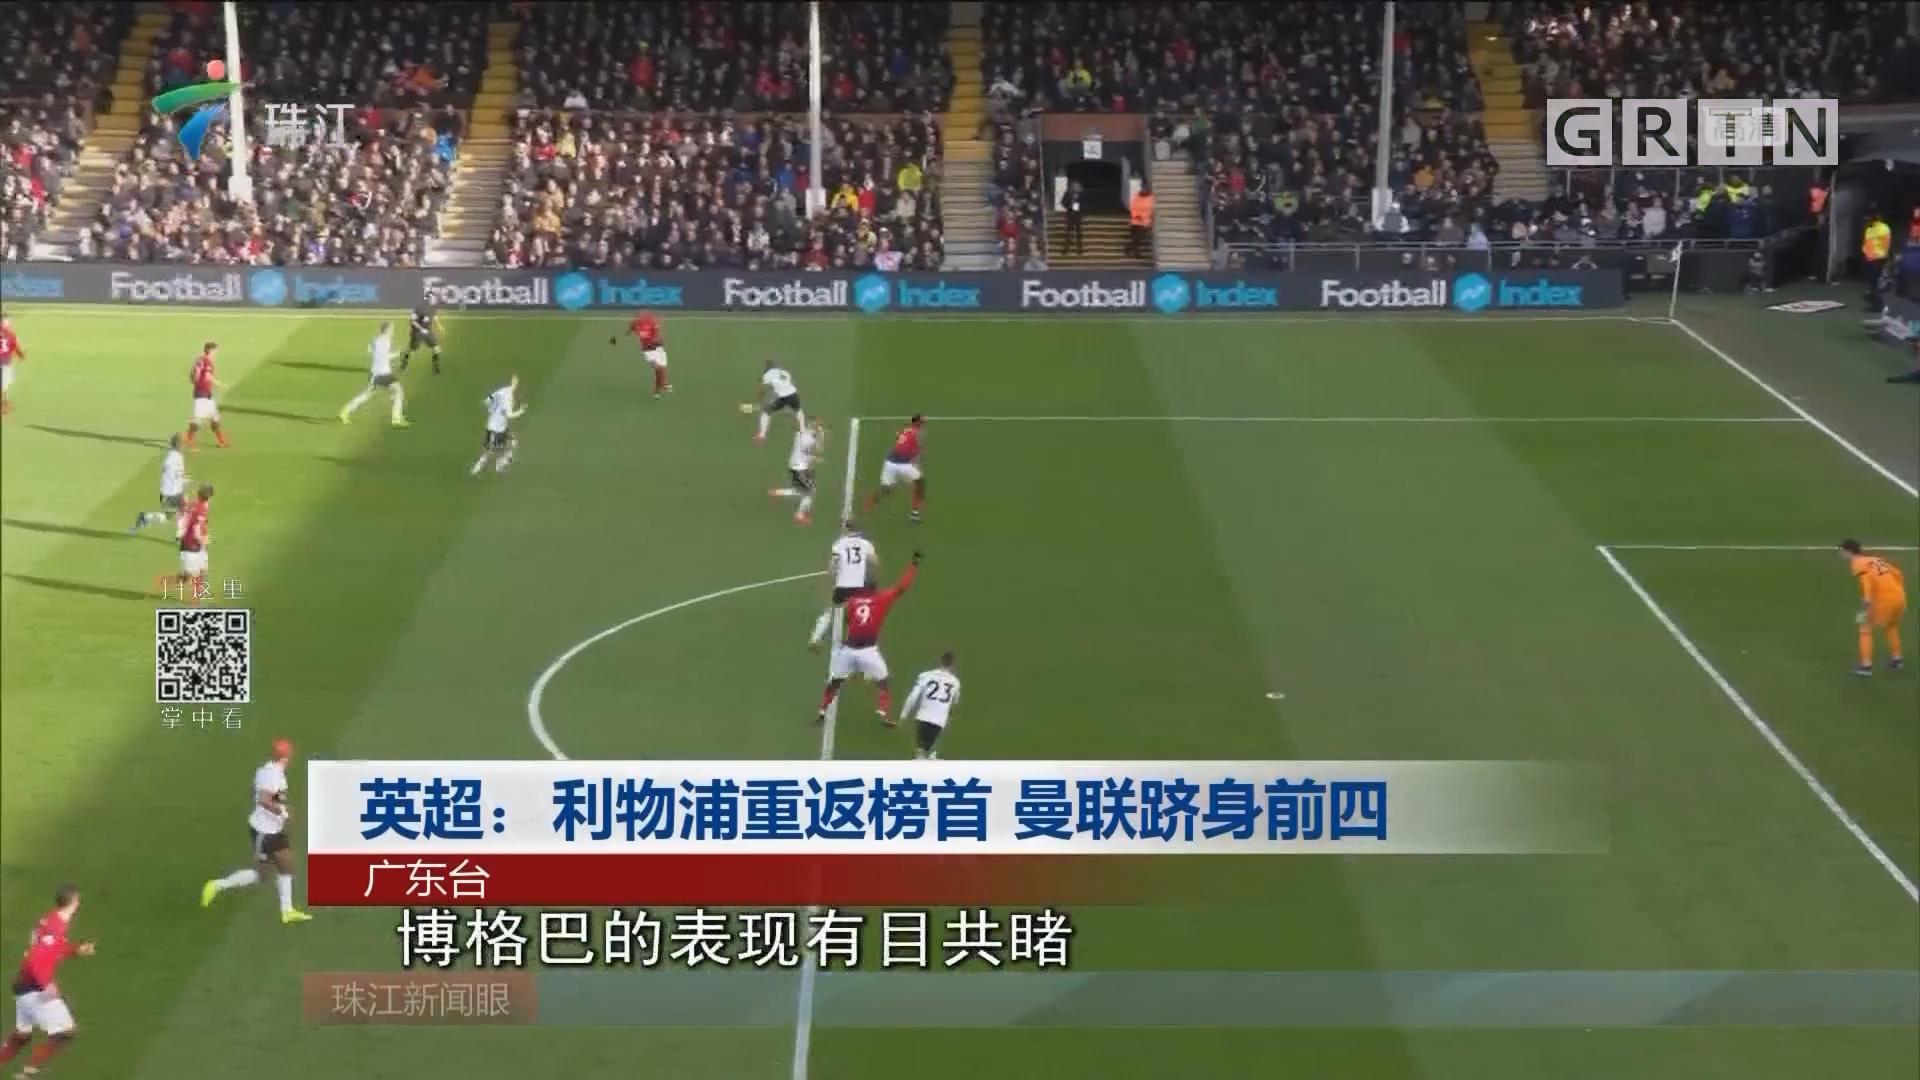 英超:利物浦重返榜首 曼联跻身前四